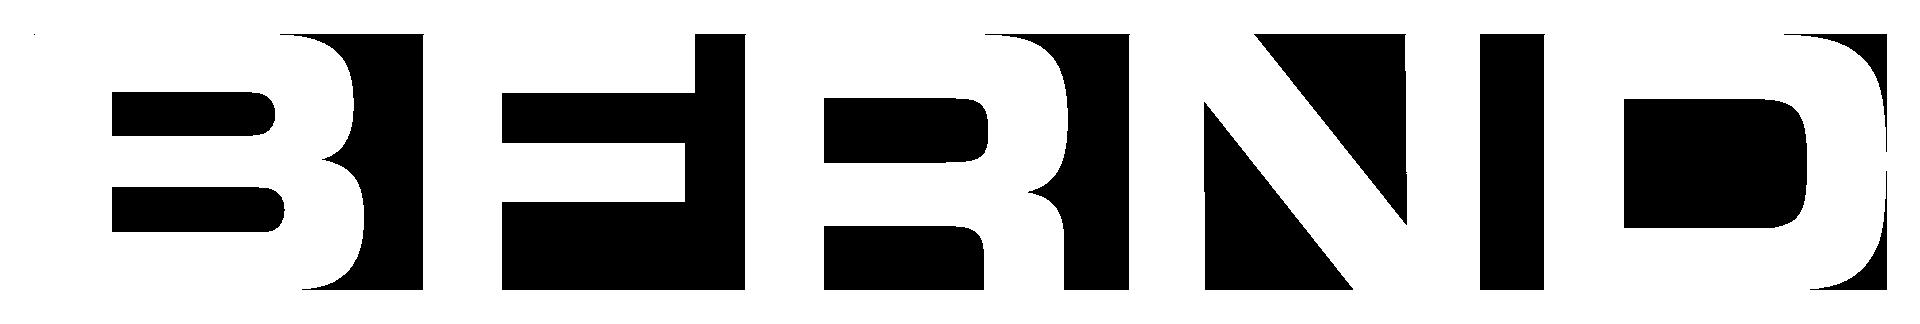 BFRND - Official Website